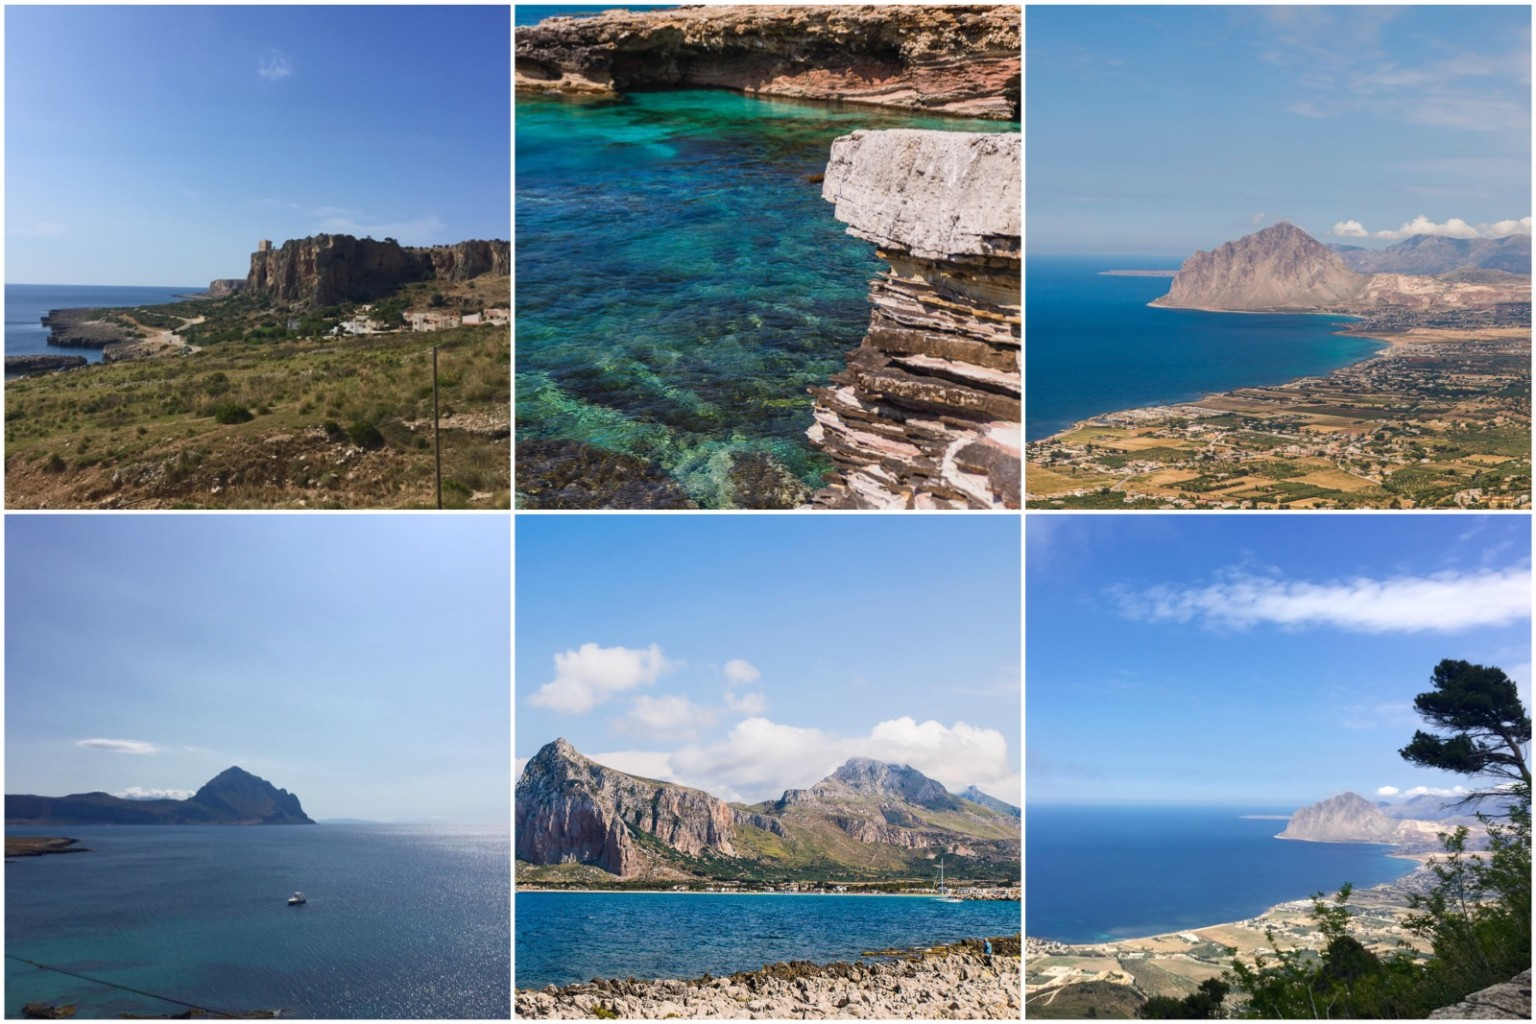 Rondreis door Sicilië